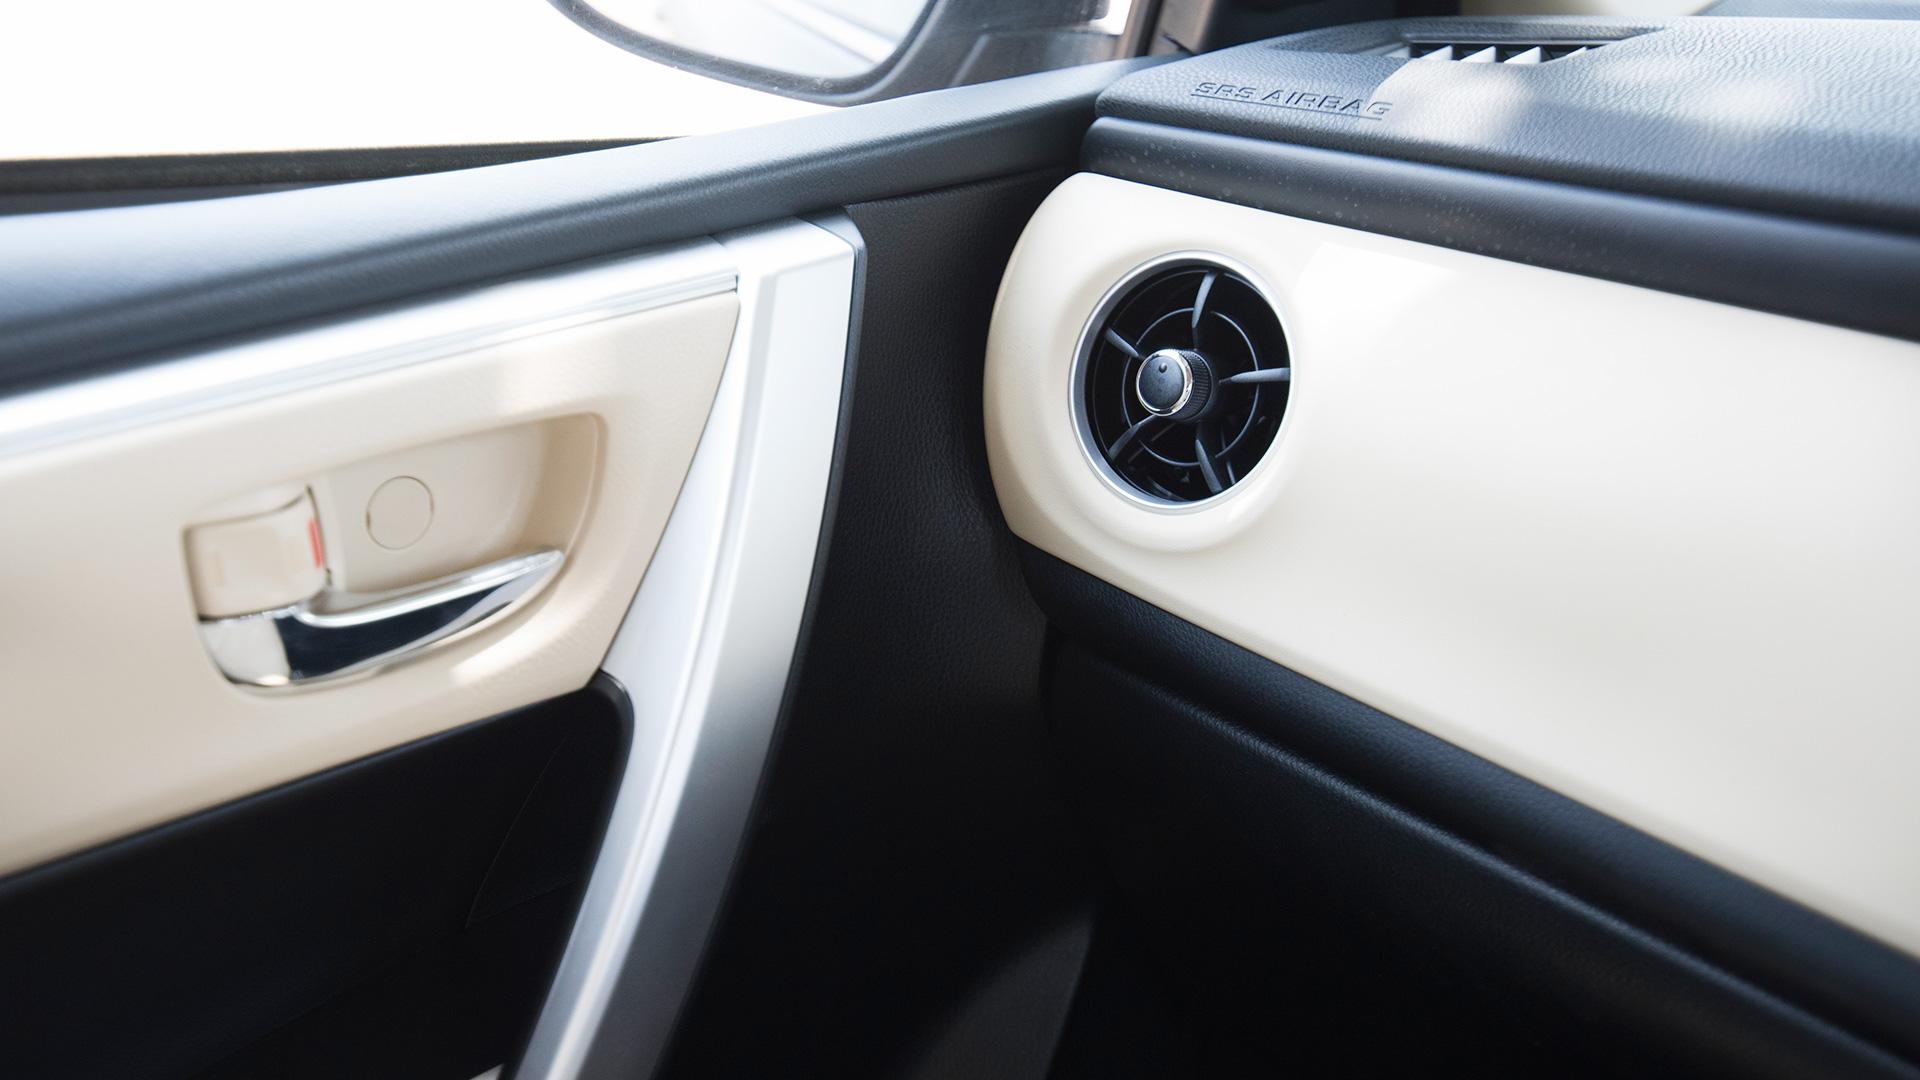 Toyota Corolla Altis 2017 VL (CVT) Interior Car Photos ...